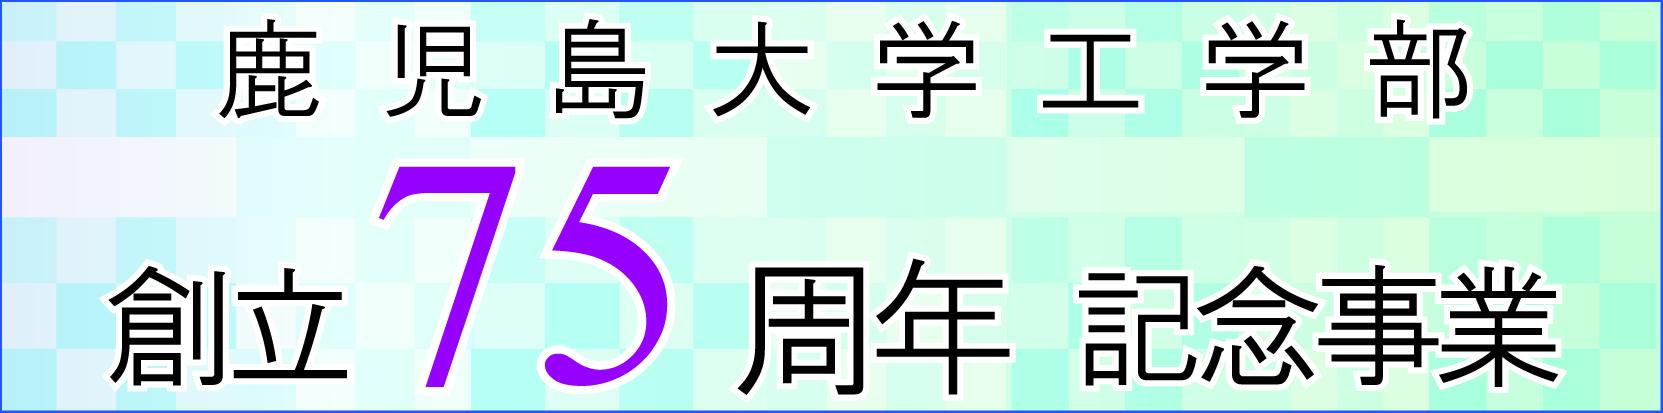 鹿児島大学工学部創立第75周年記念事業